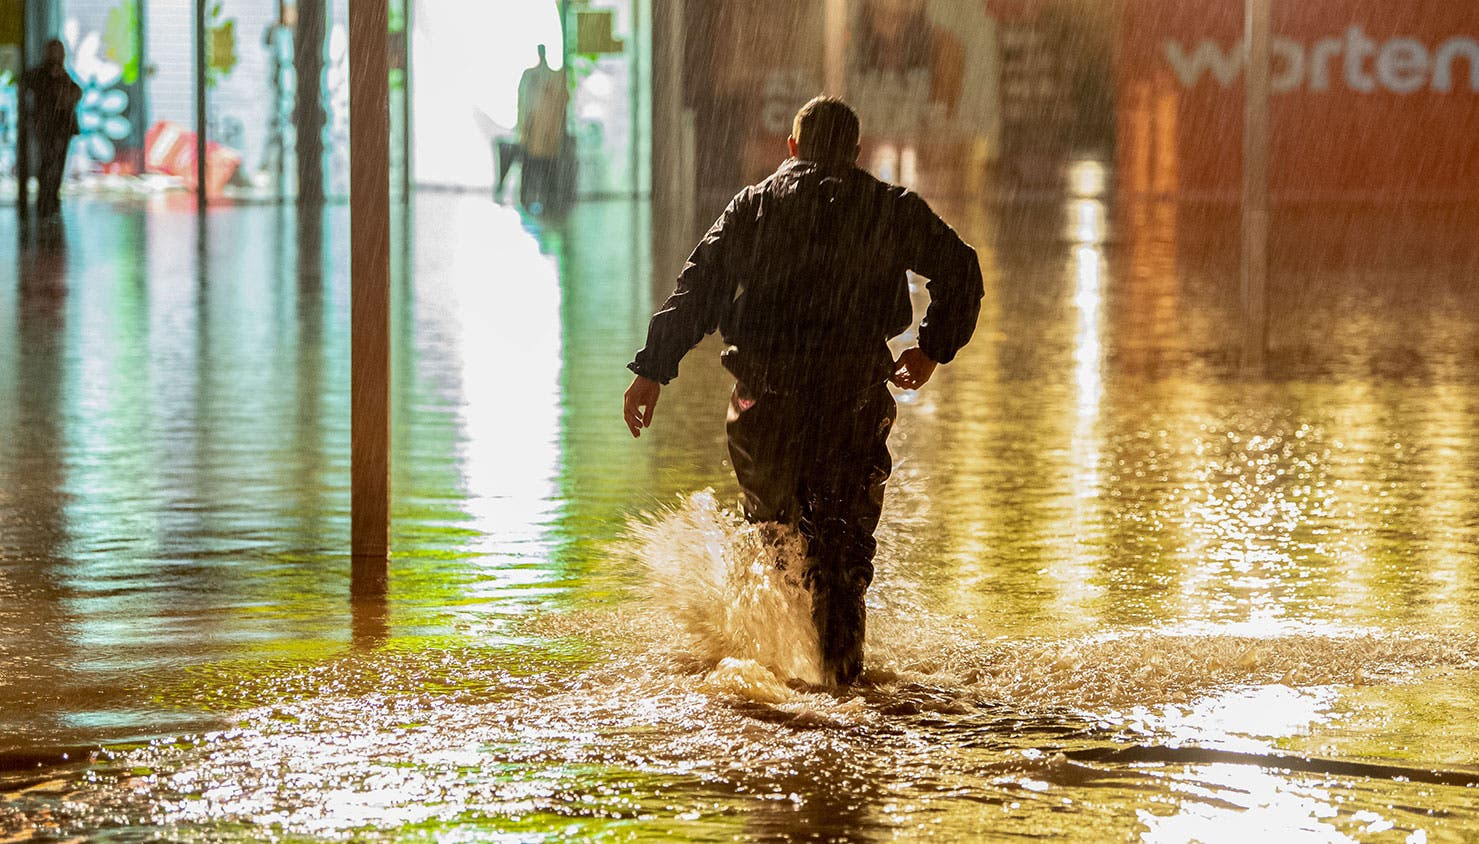 Inundações na zona da Maia, junto ao Complexo Comercial Maia Jardim | Rui Manuel Farinha - Lusa